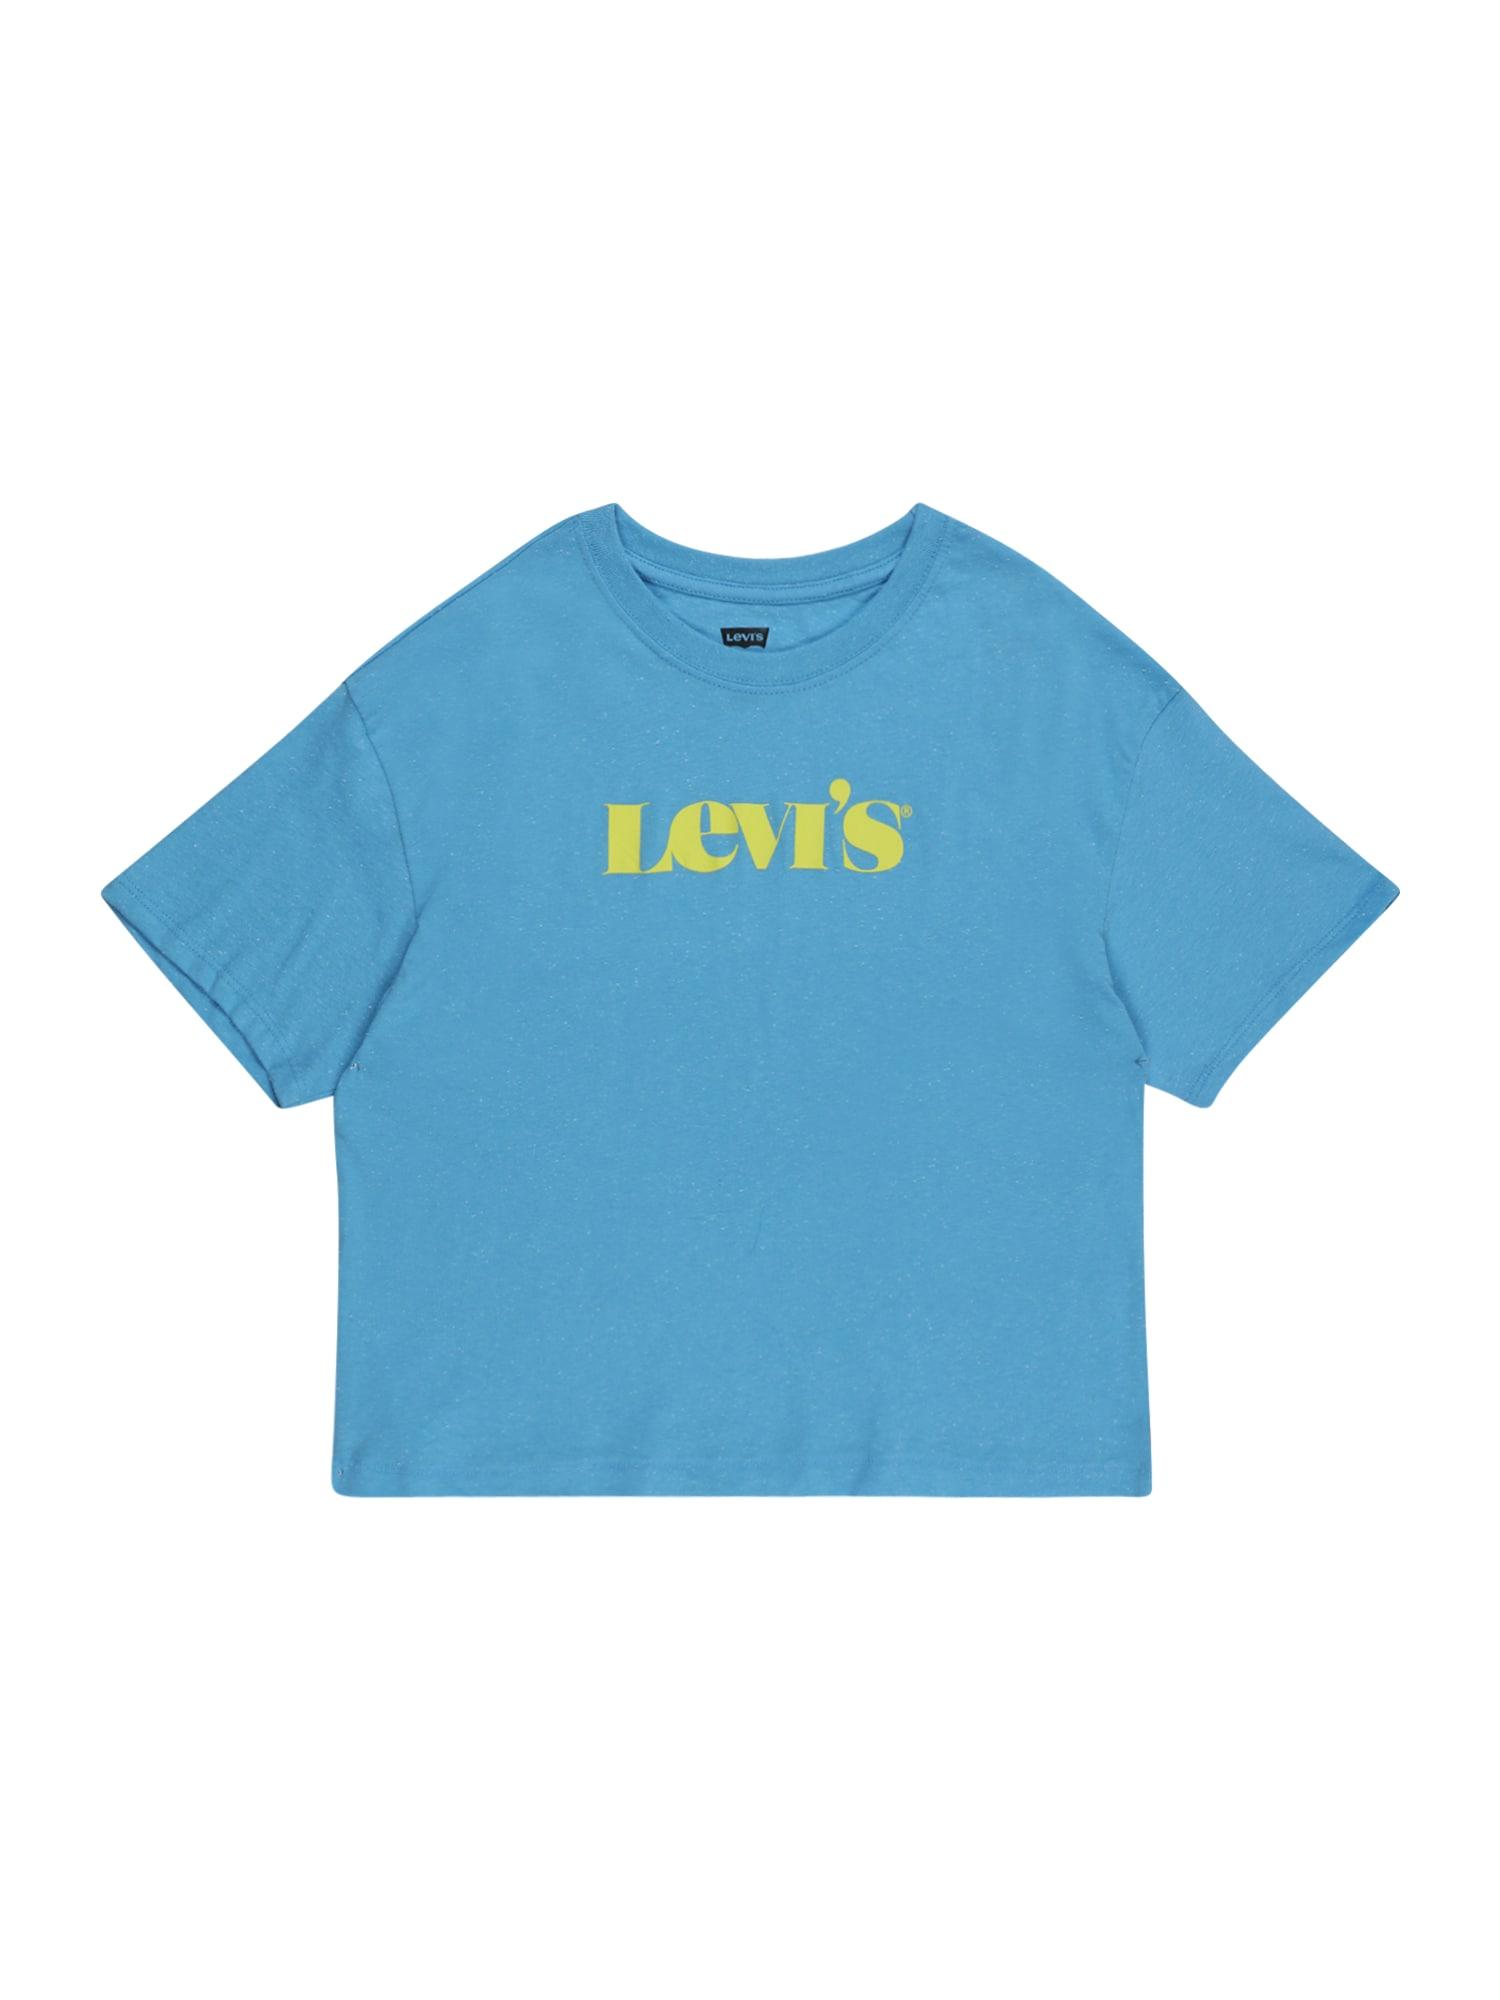 LEVI'S Tričko  nebeská modř / žlutá